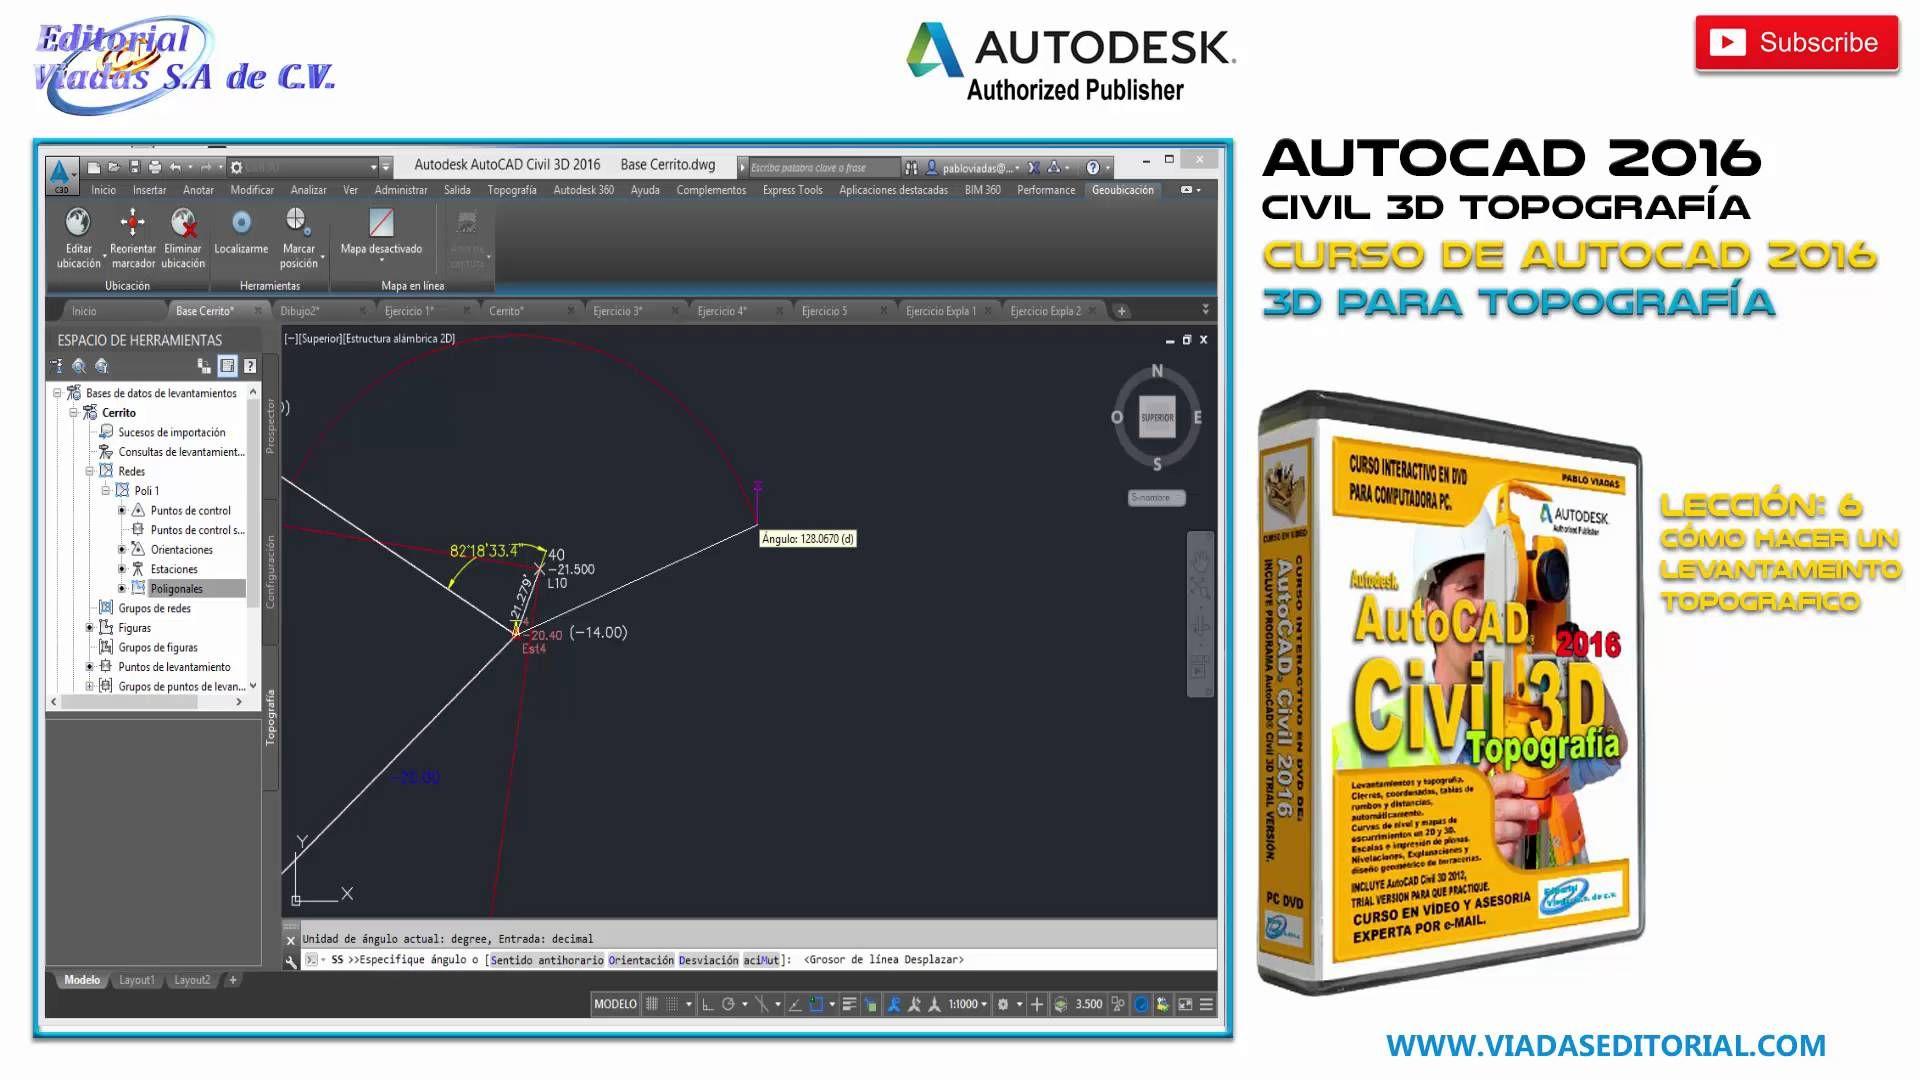 Autocad Civil 3d 2016 Curso Completo Tutorial Topografía Lección 6 Autocad Autocad 2016 Map Screenshot